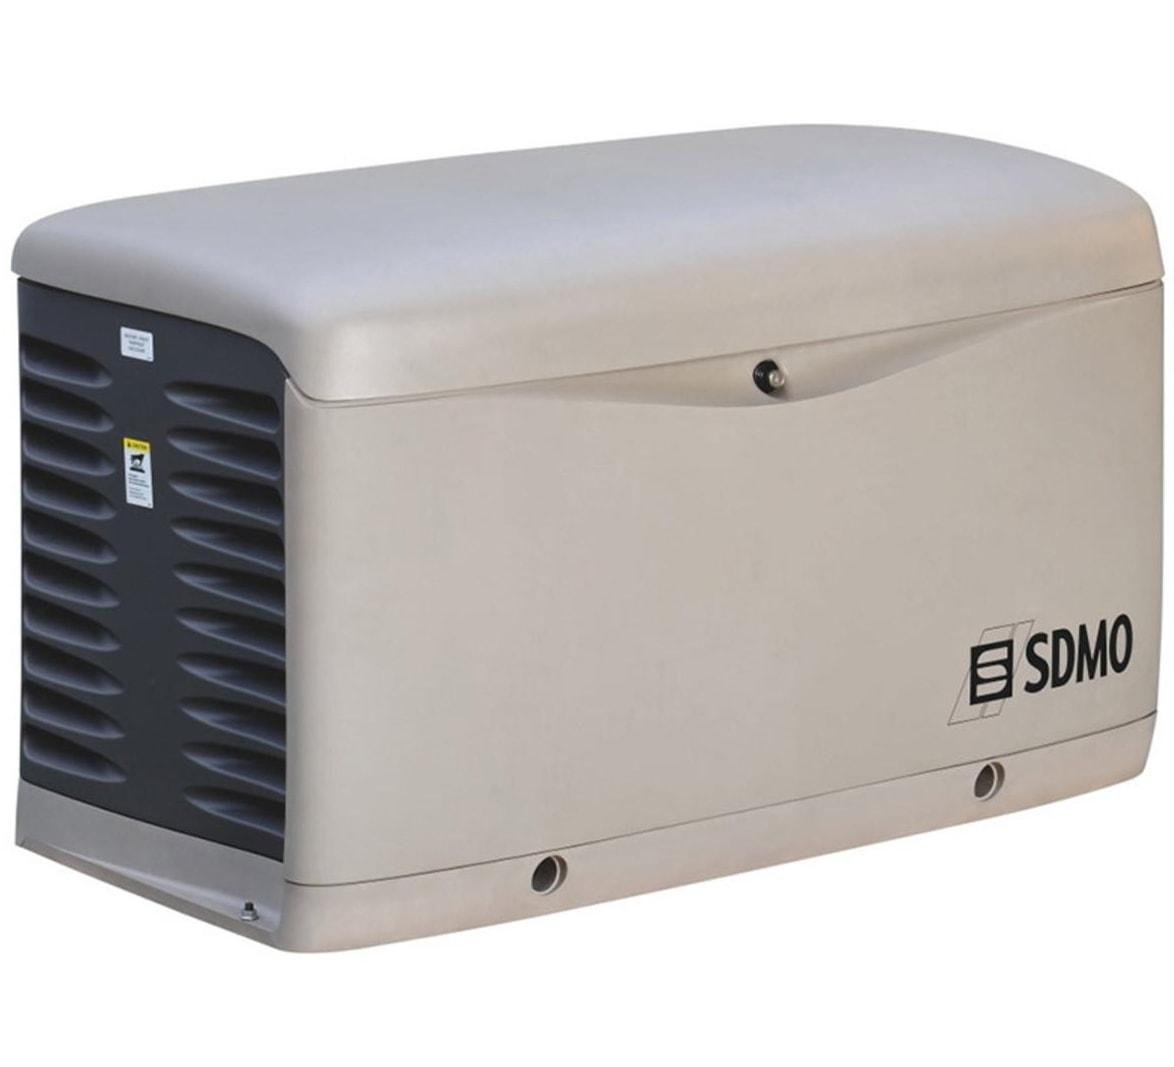 газовая электростанция sdmo resa 20 t